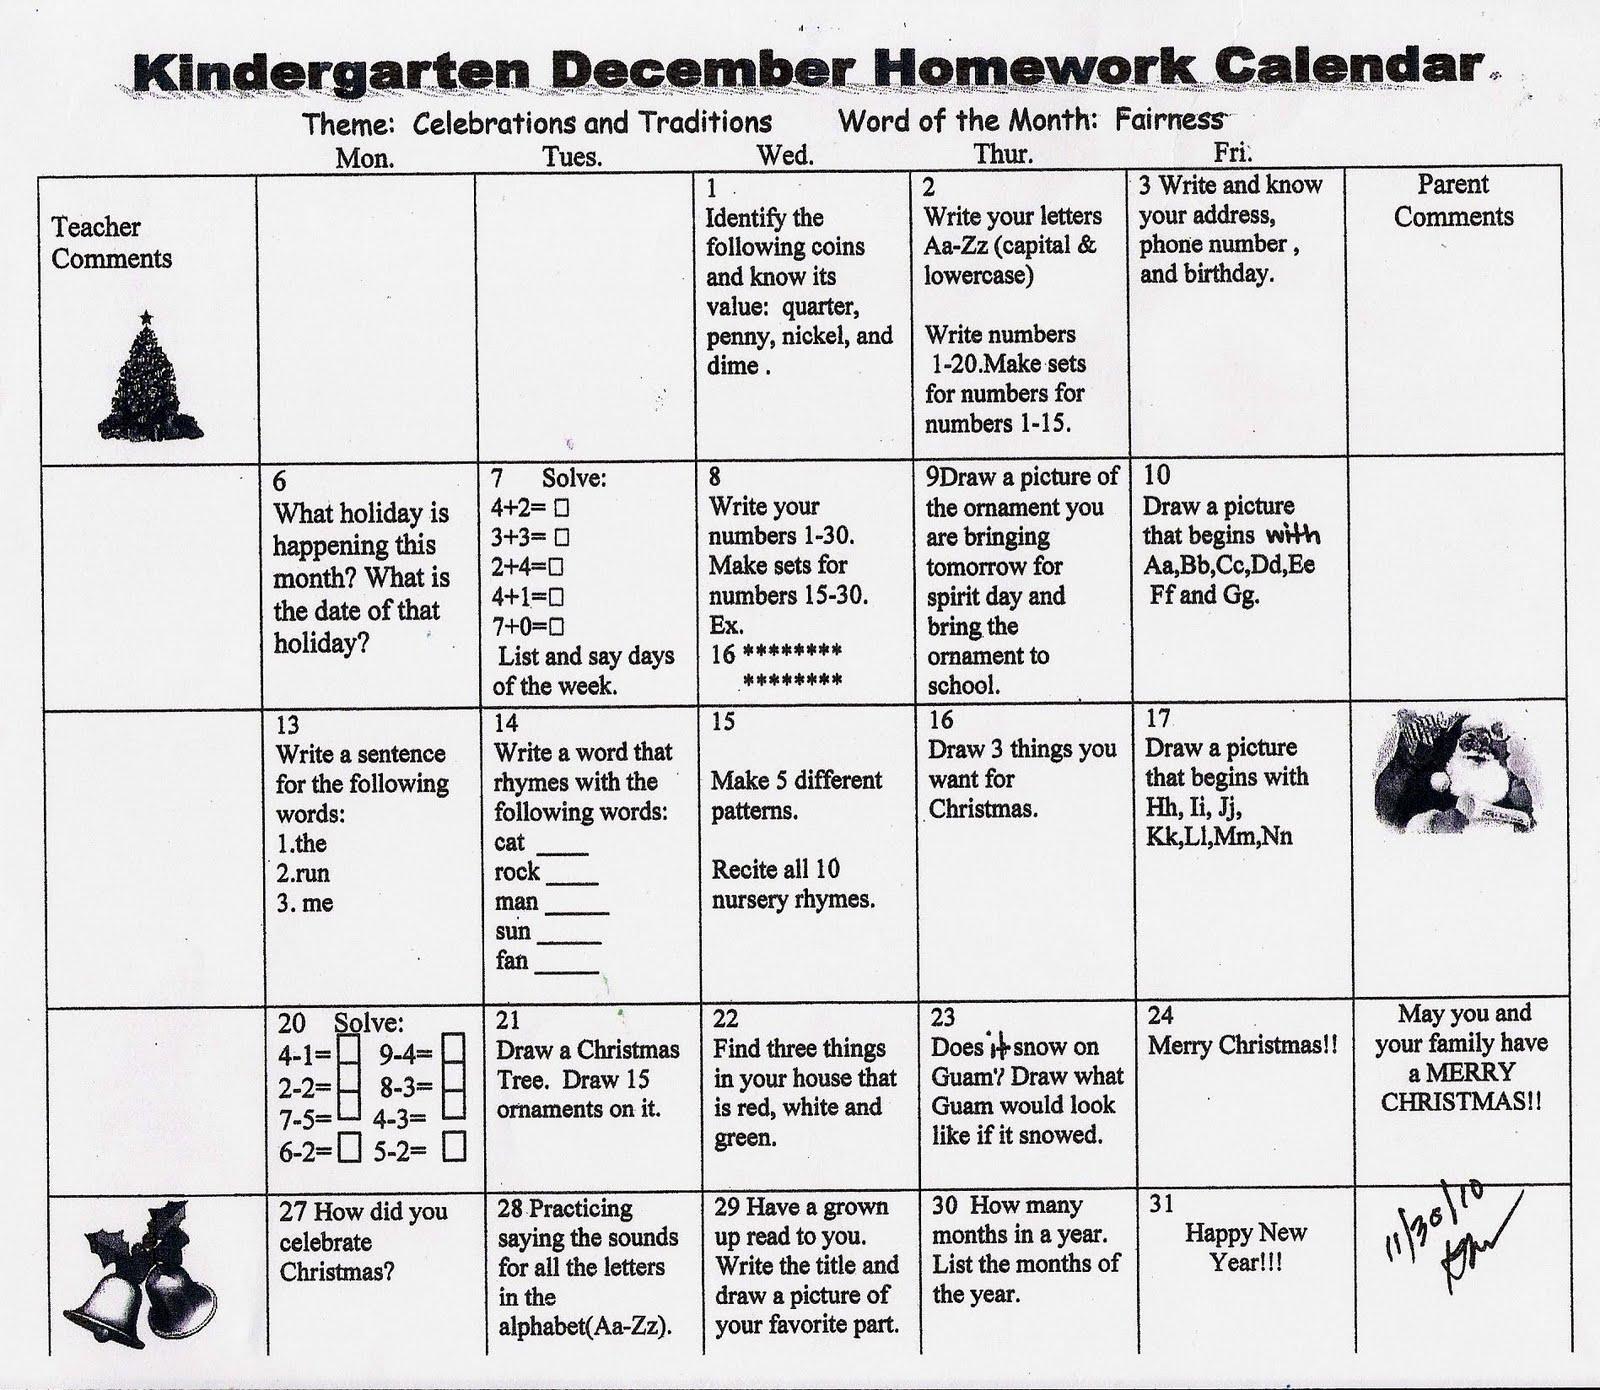 Lyndon Baines Johnson Elementary School Kindergarten